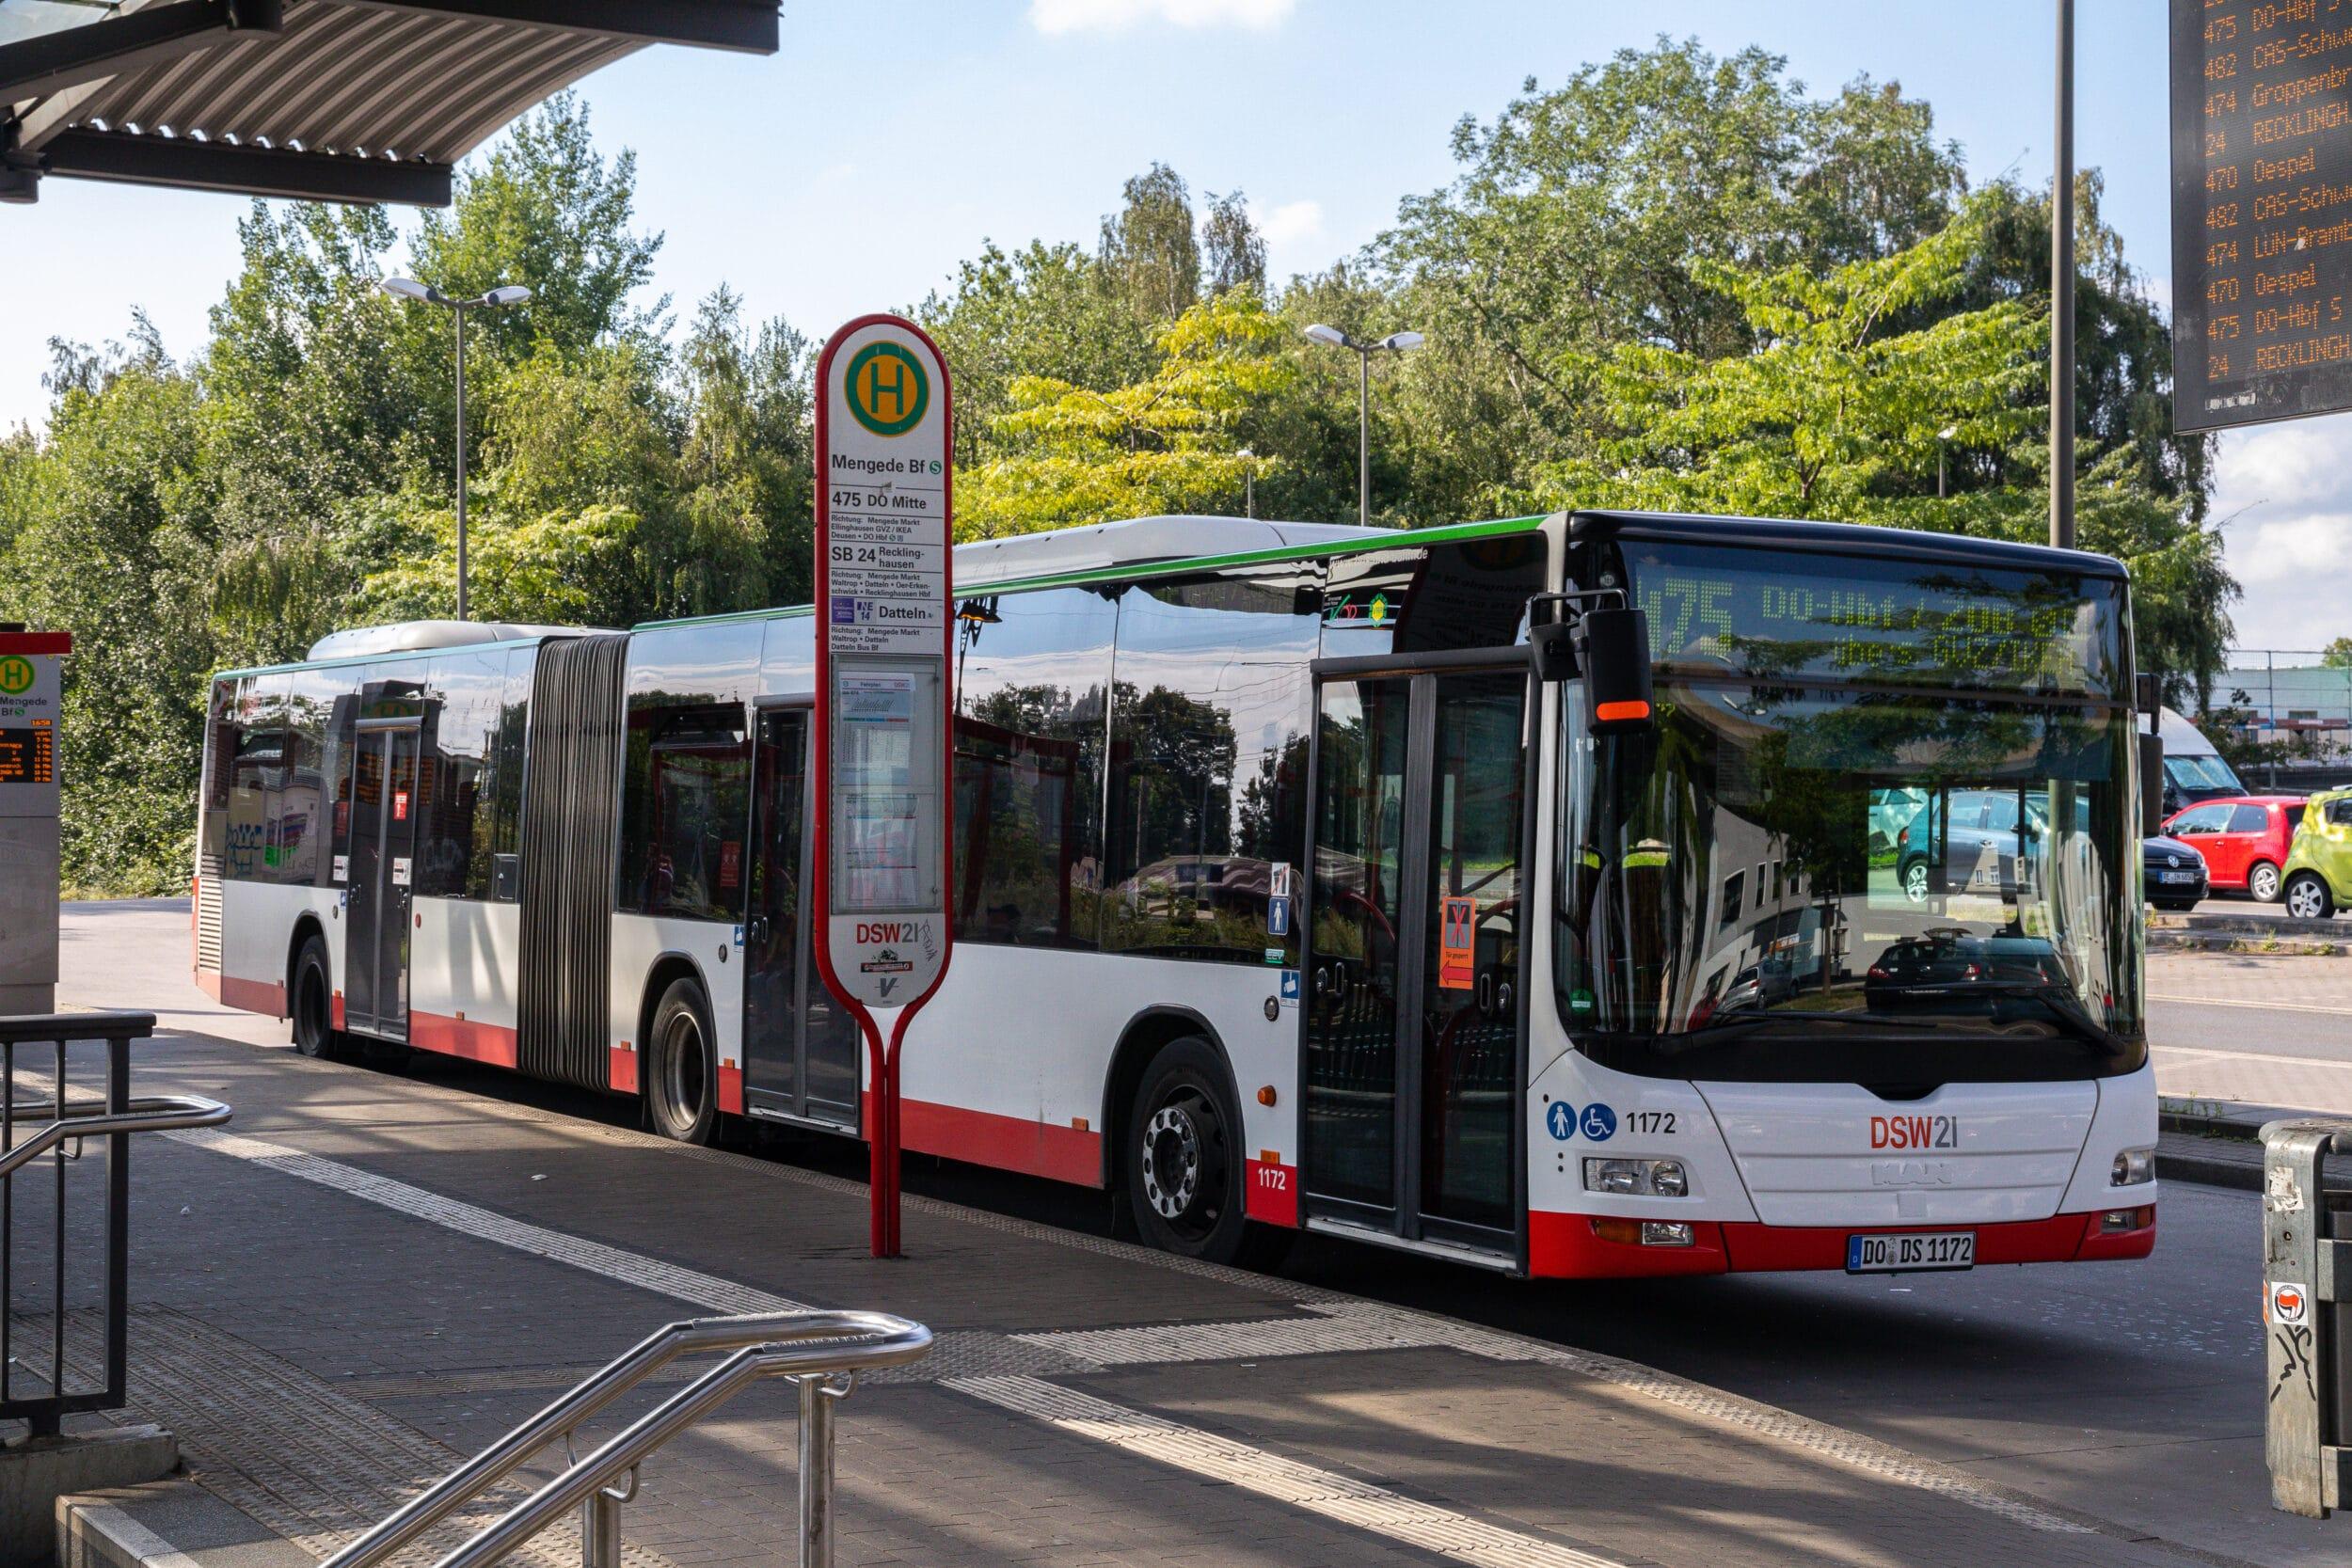 Die 500 zusätzlichen Fahrten sorgen für ein größeres Platzangebot. Aber weitere Aufstockungen sind  kaum möglich. (Symbolfoto: Wir in Dortmund)